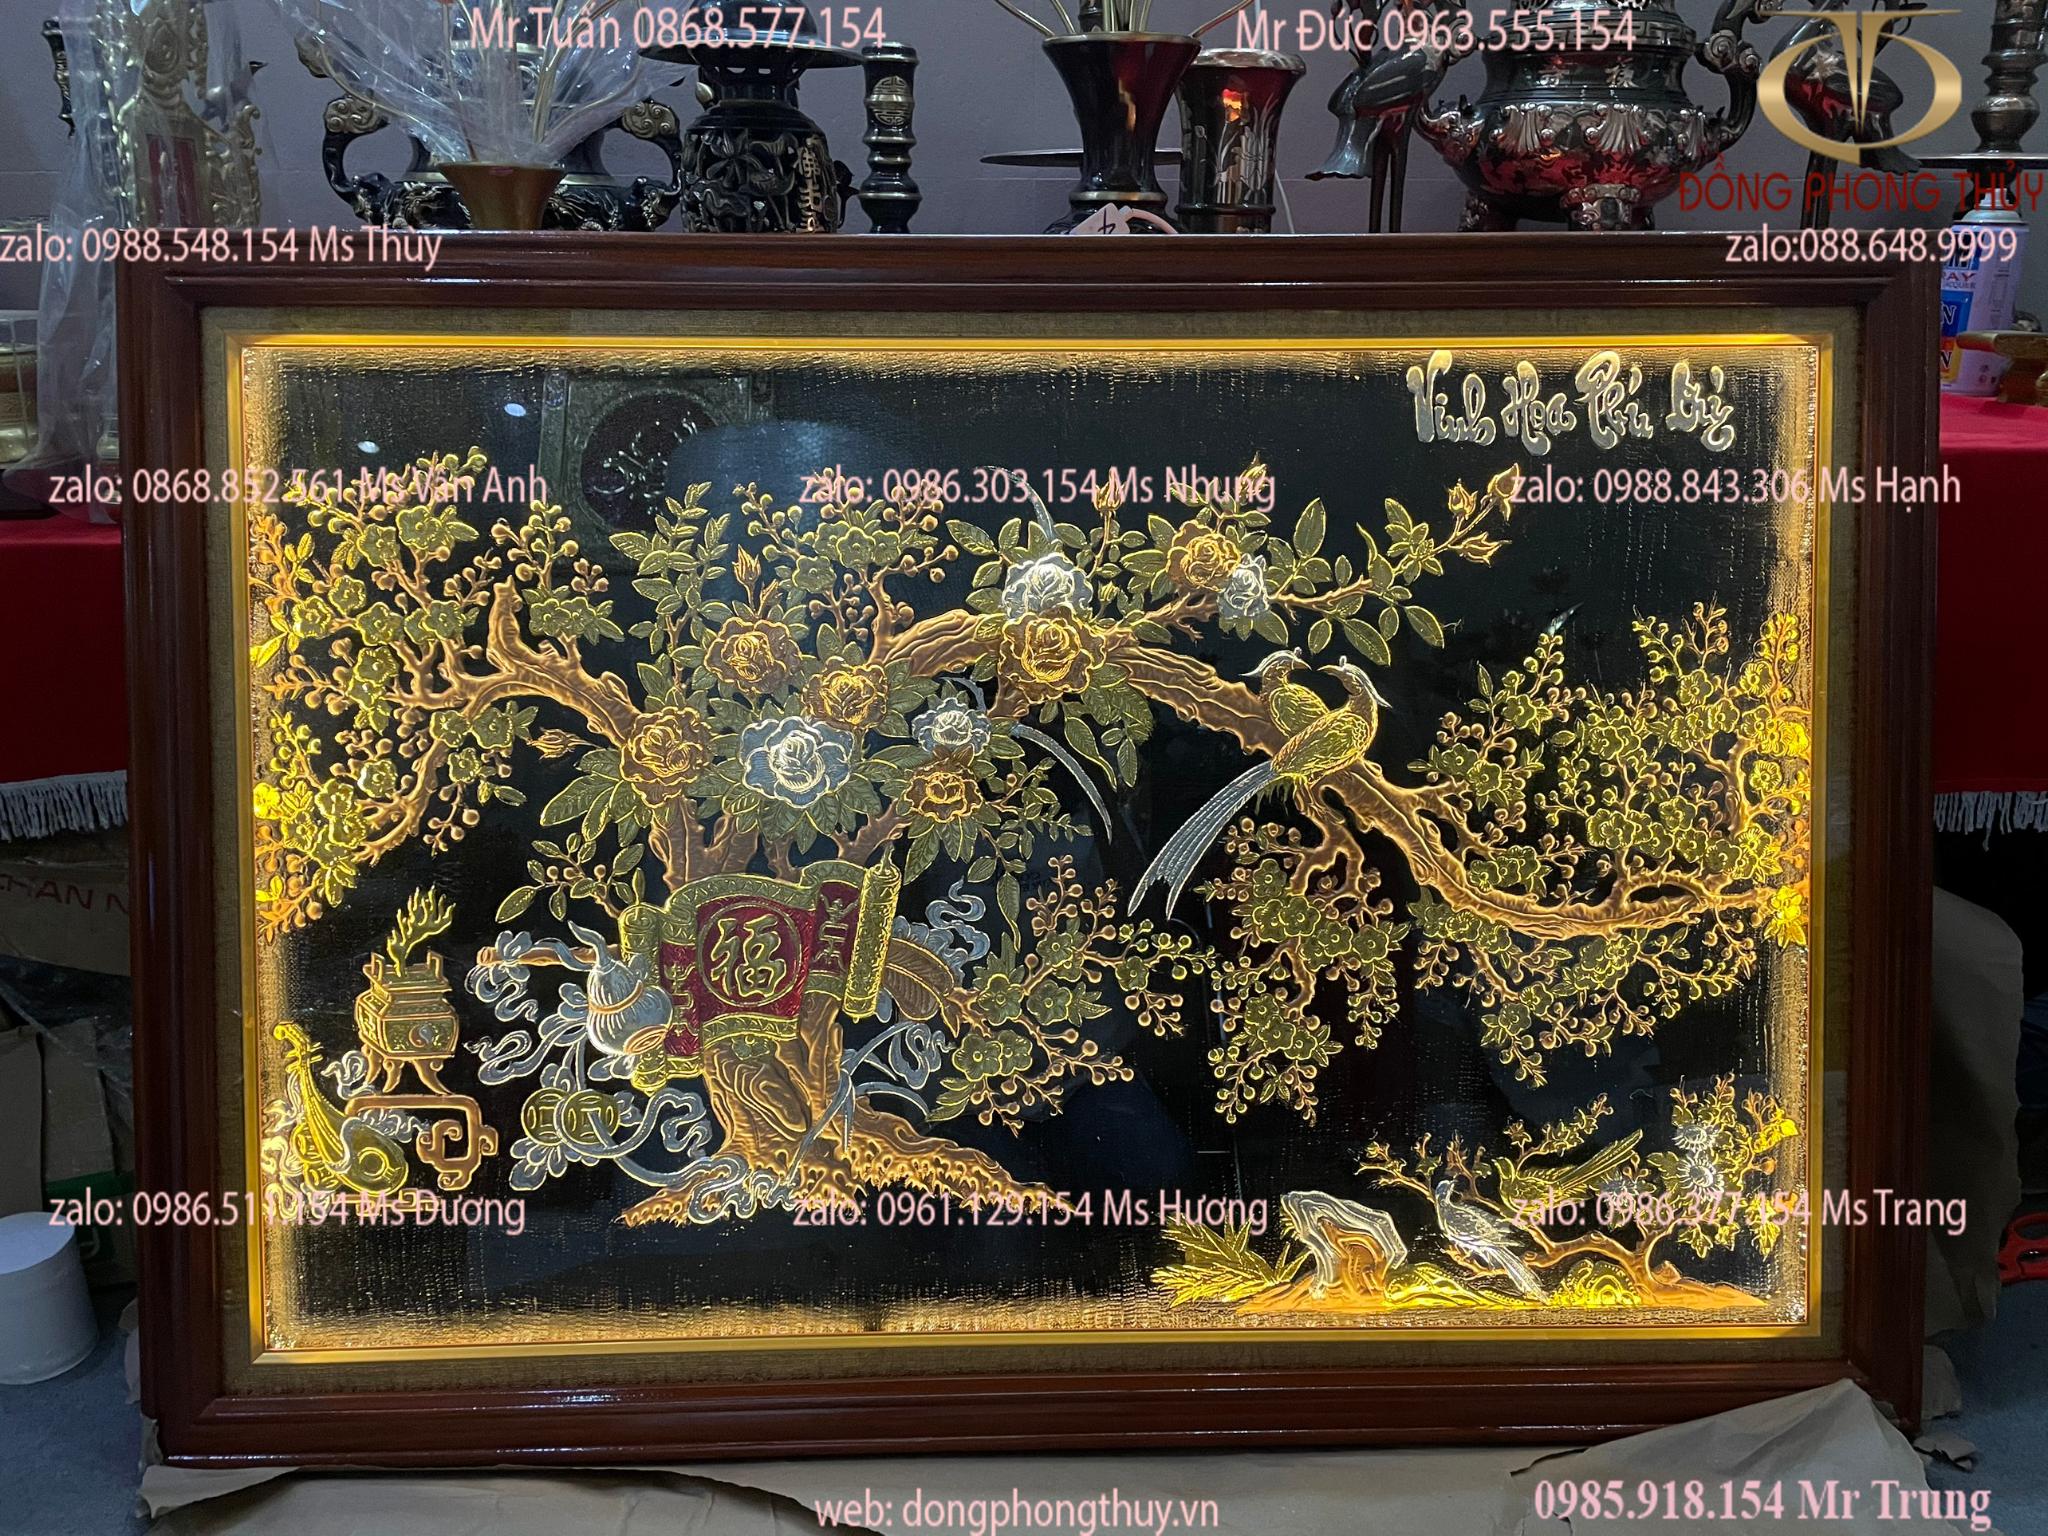 Tranh treo phòng khách: tranh đồng Vinh Hoa Phú quỳ 86*1m27